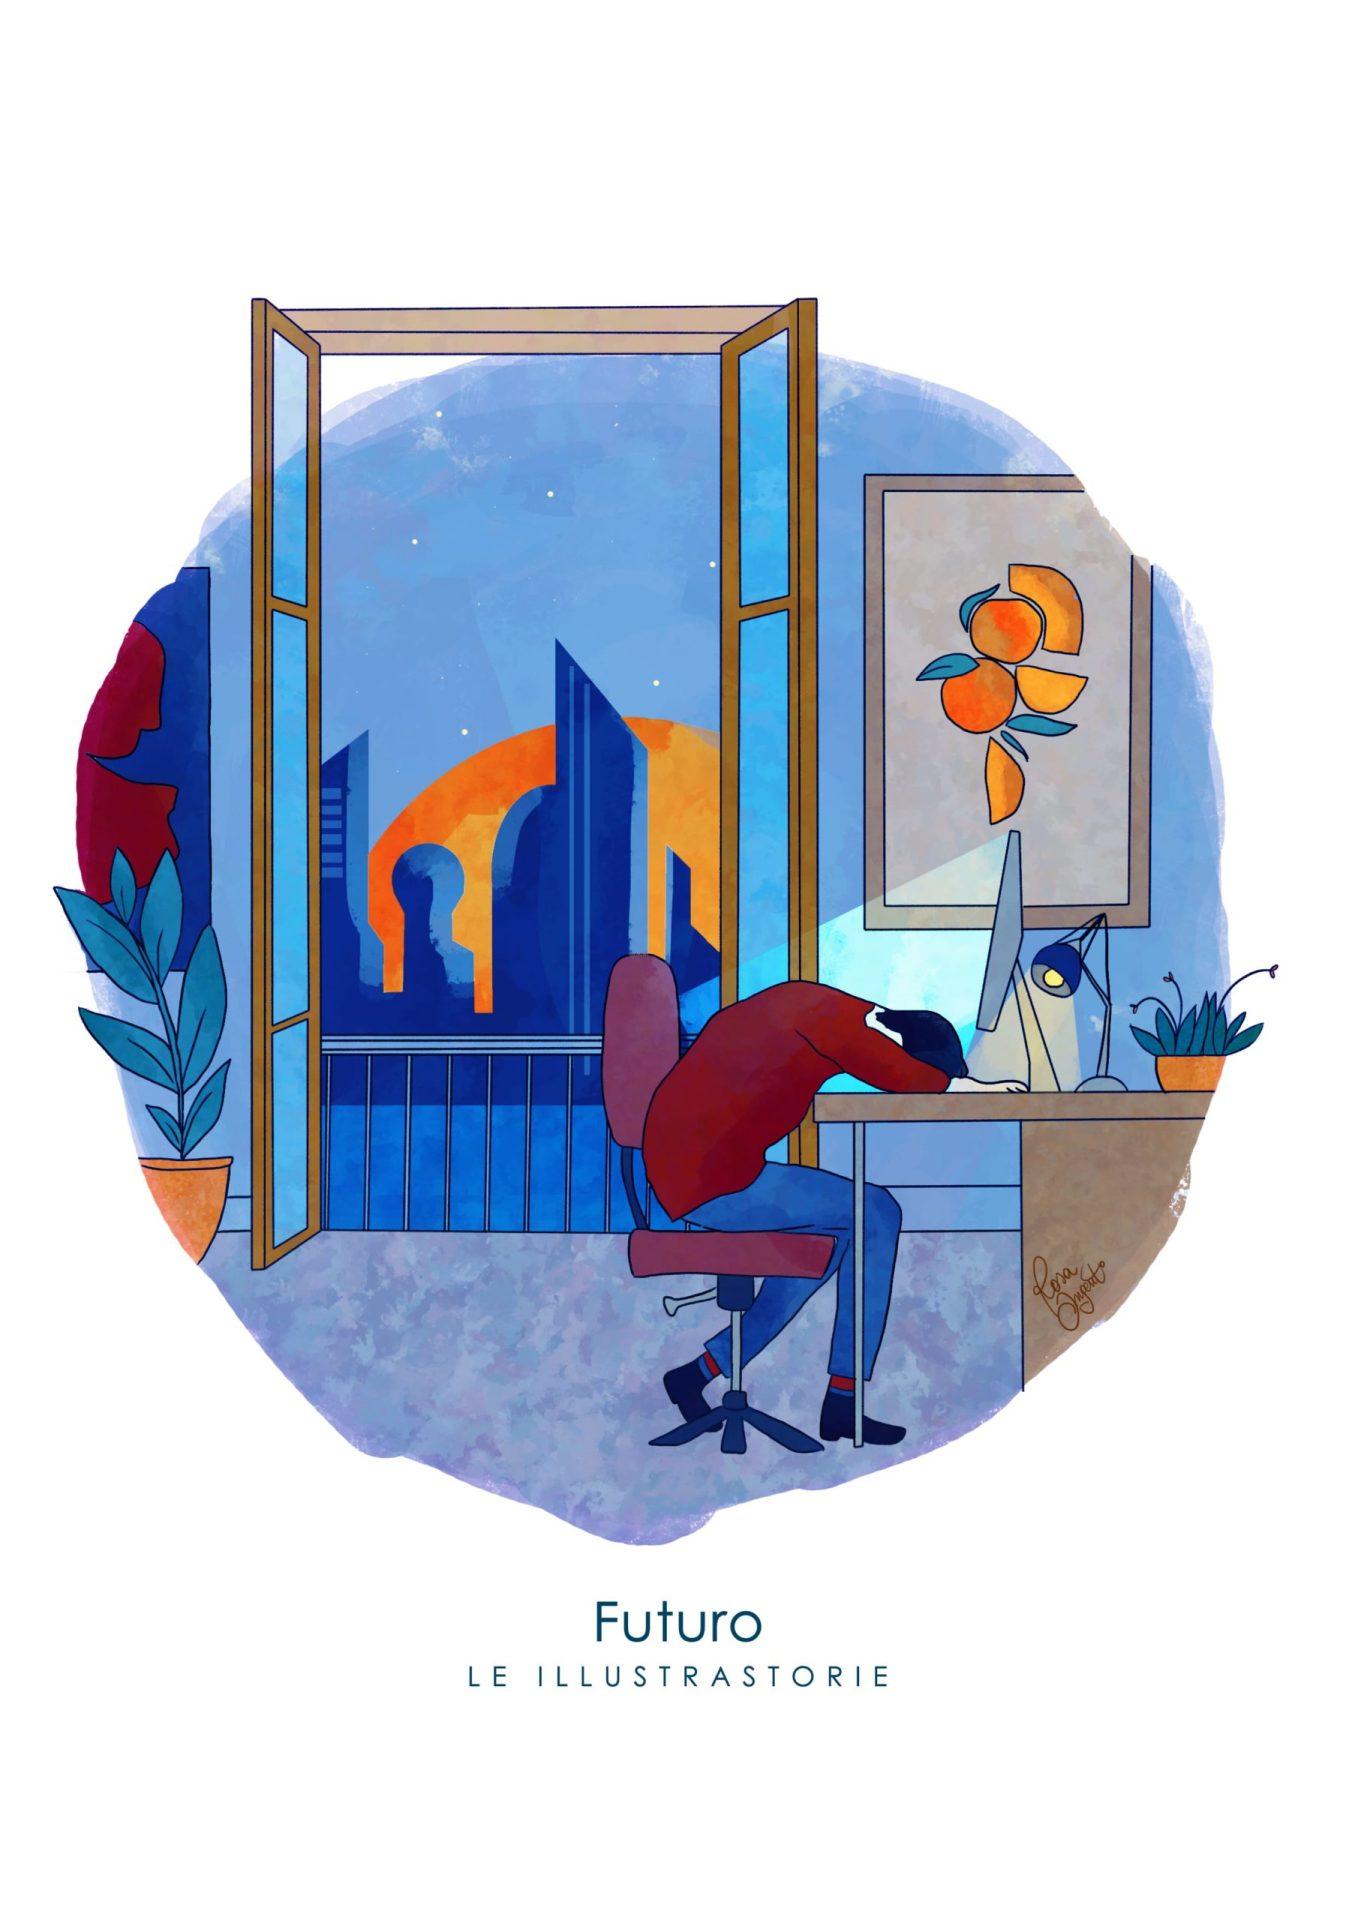 07-Futuro-1-scaled Il tempo